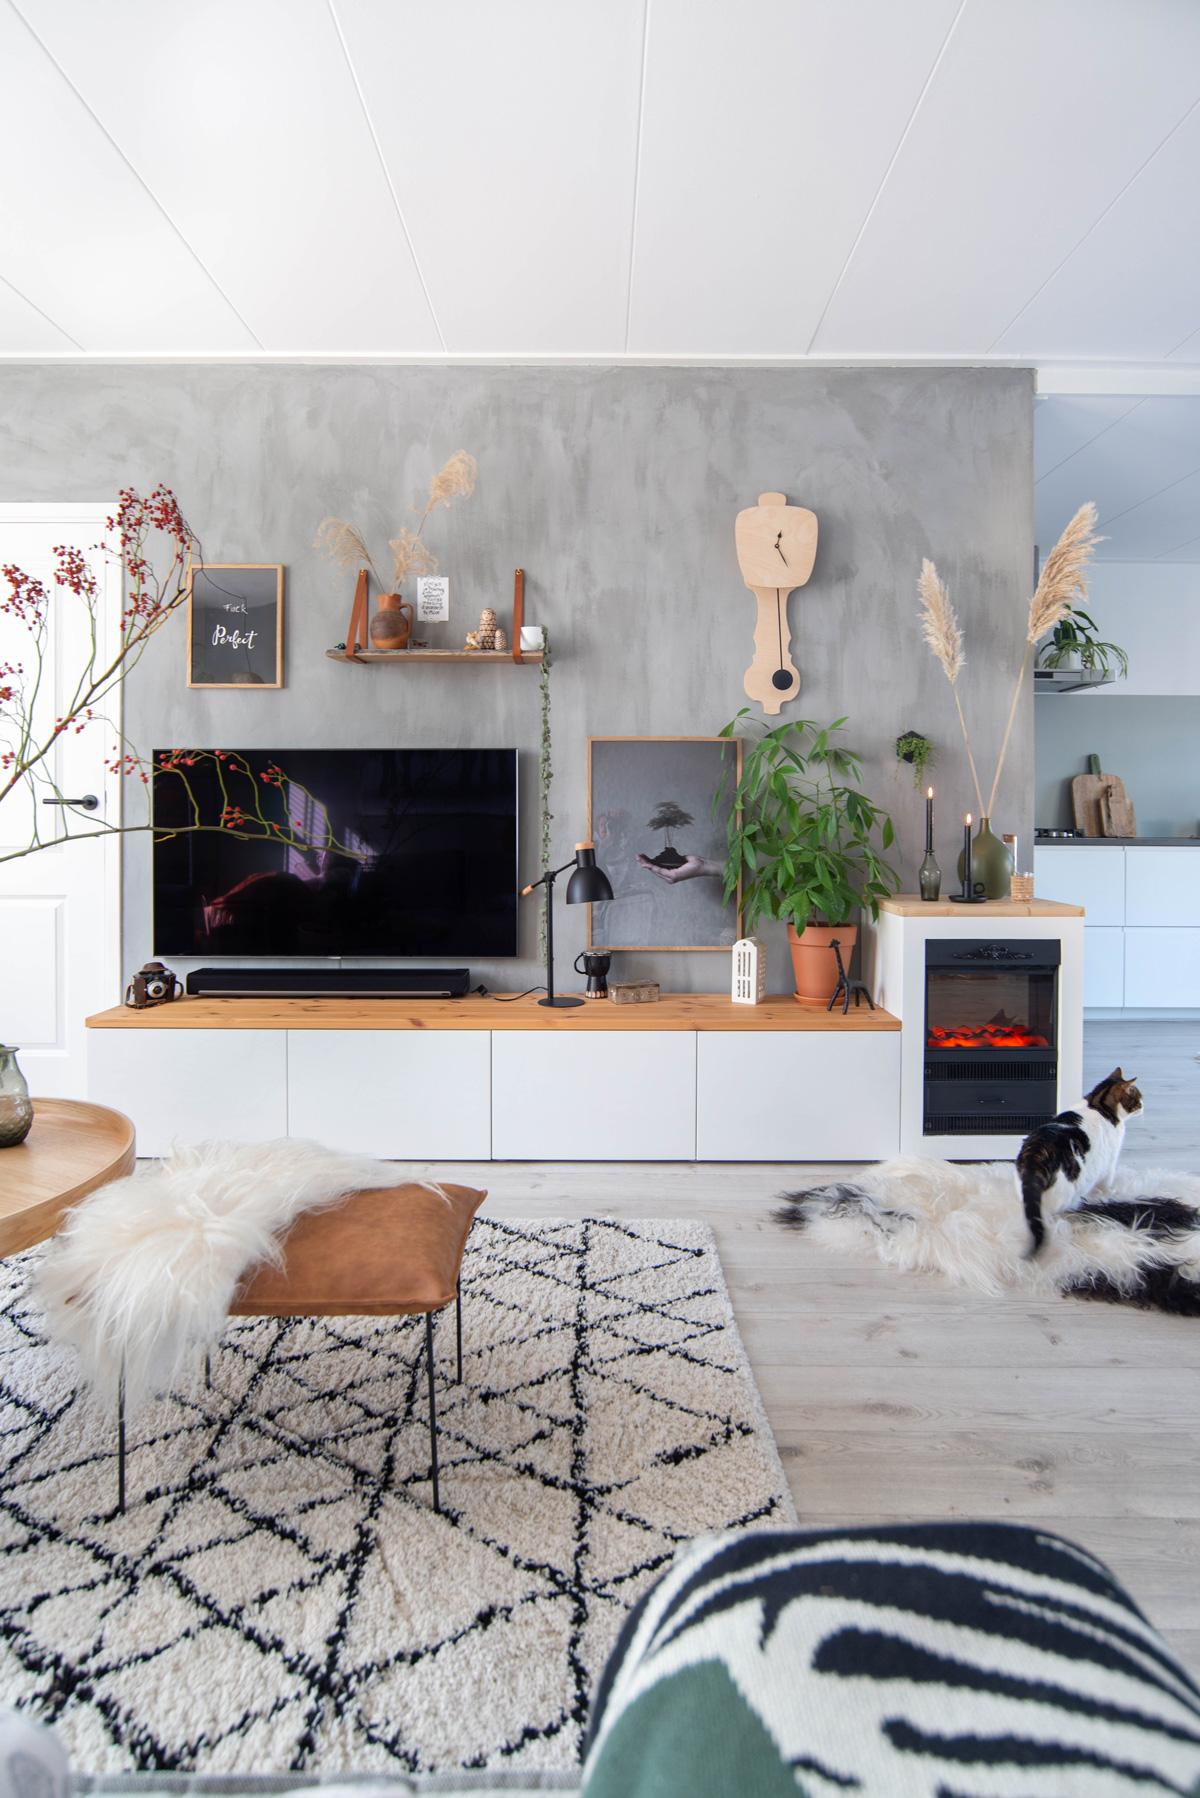 keeelly91 instagram more than canvas schapendoek woonkamer vtwonen interieur wonen inspiratie autumn herfstkleuren